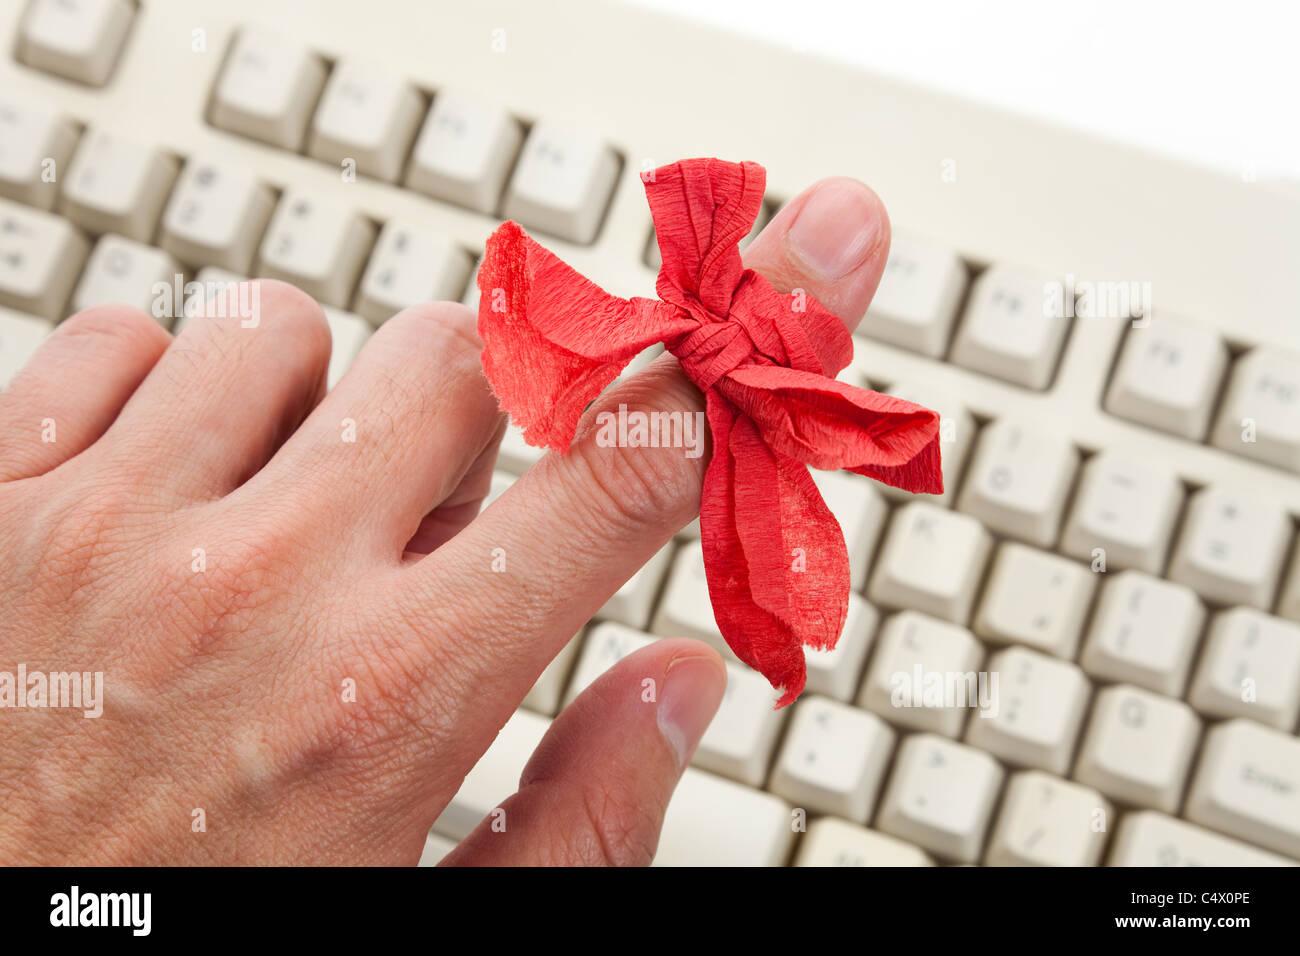 Arc rouge sur le doigt et le clavier de l'ordinateur Photo Stock